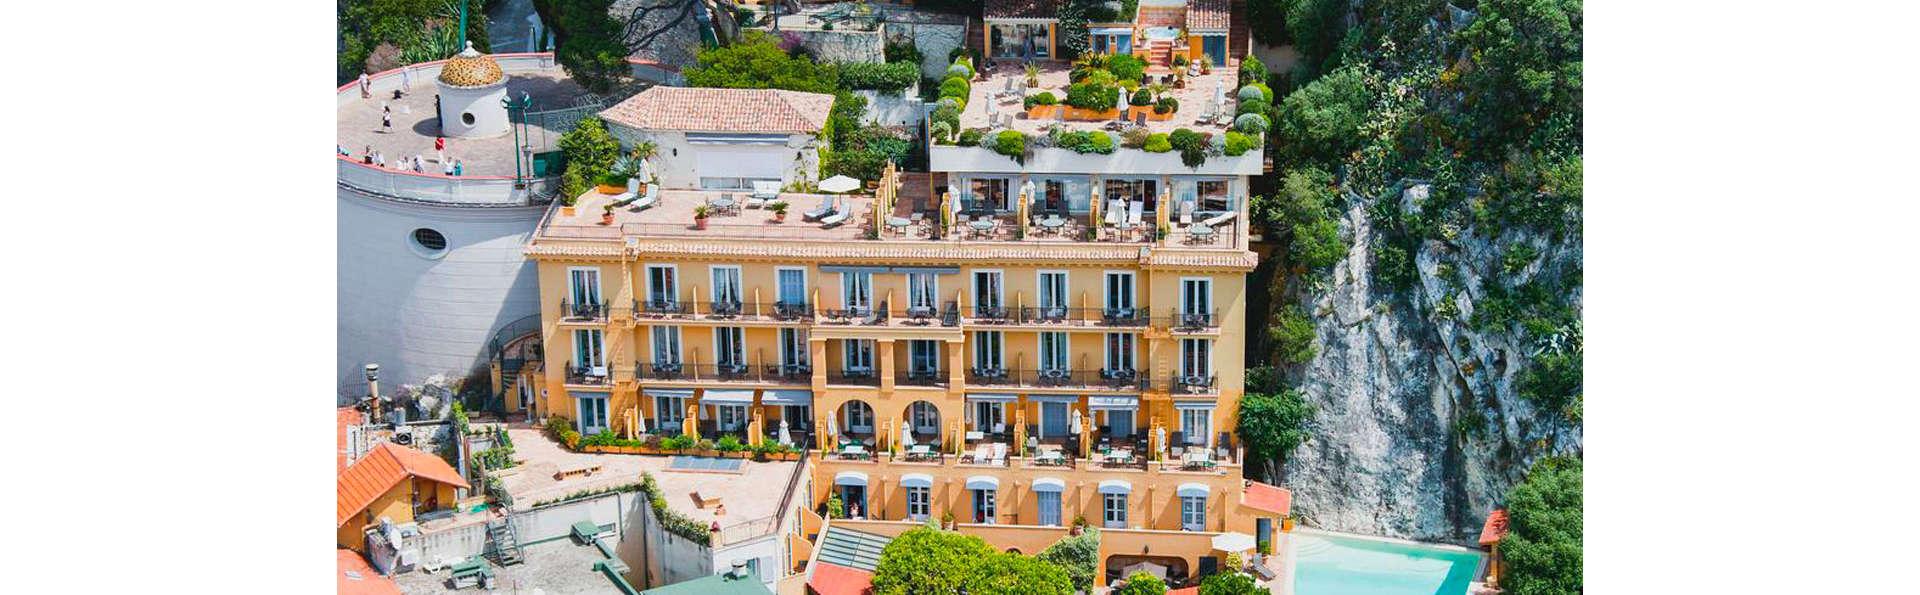 Hôtel La Pérouse Nice Baie des Anges - EDIT_FRONT_02.jpg